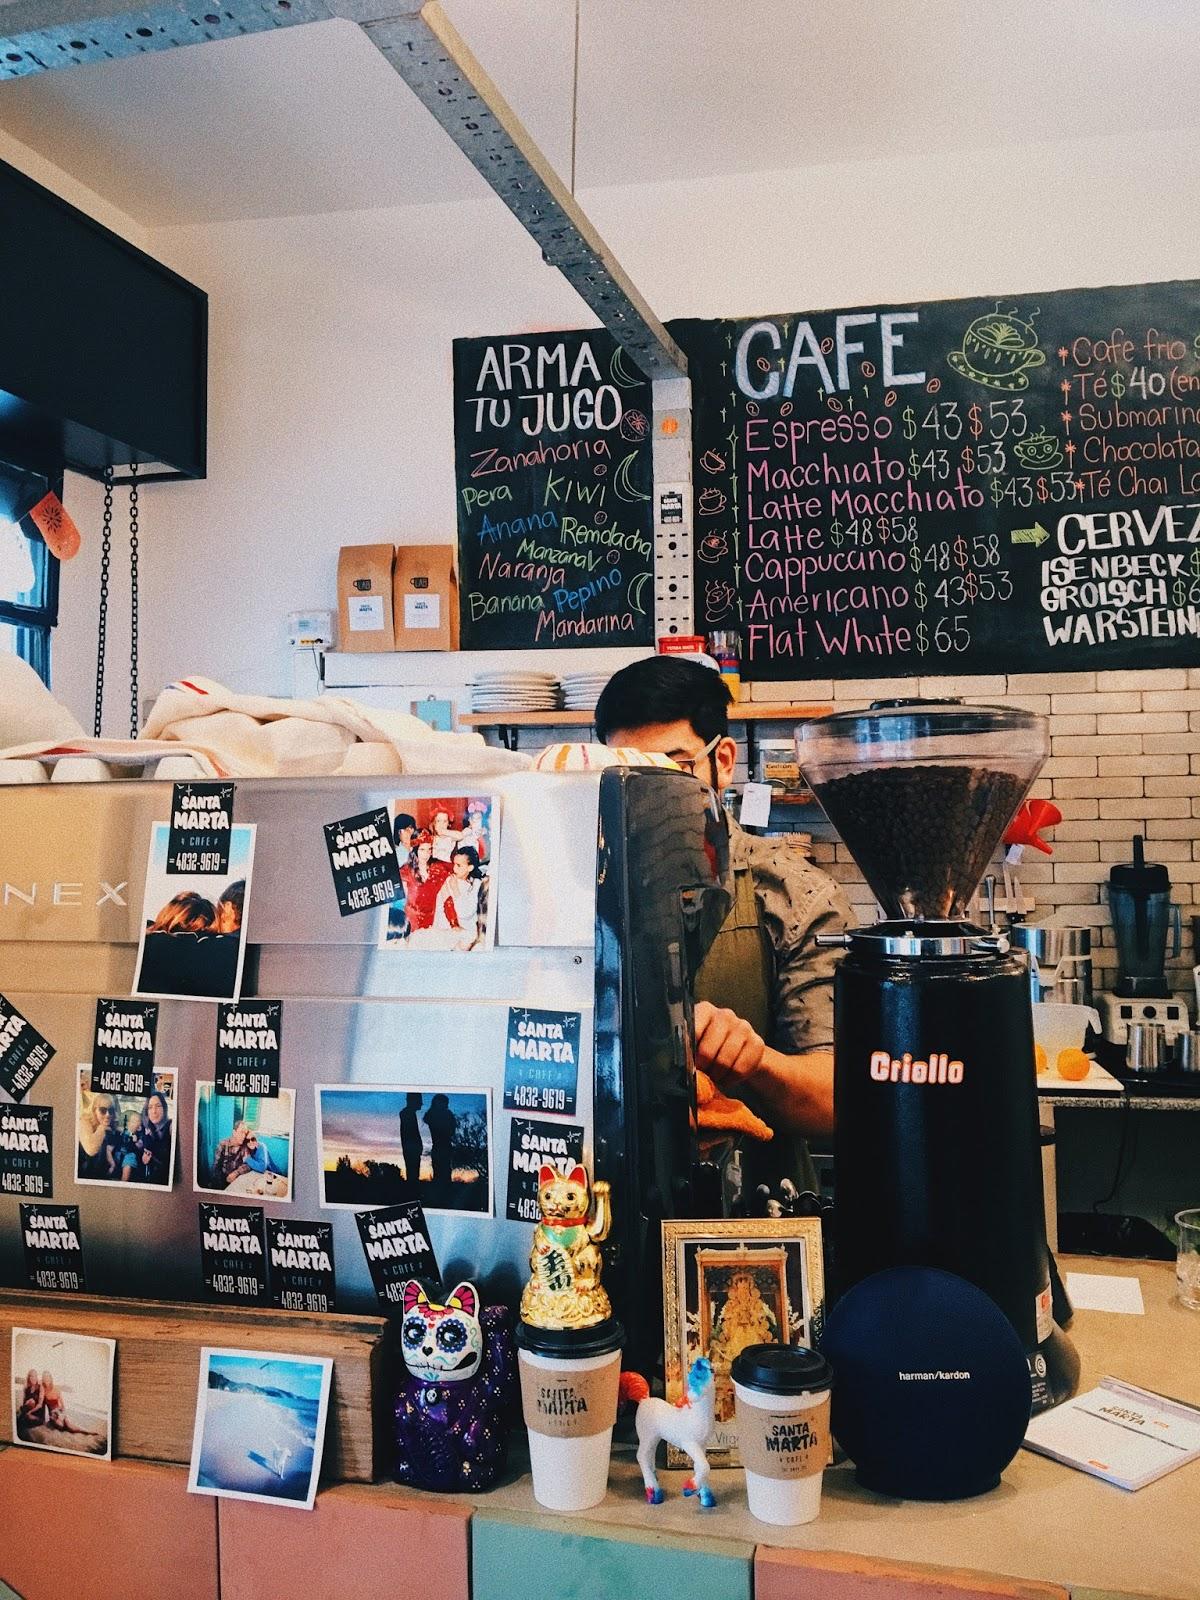 Cafes cafe para trabajar estudiar en buenos aires foto de santa maria